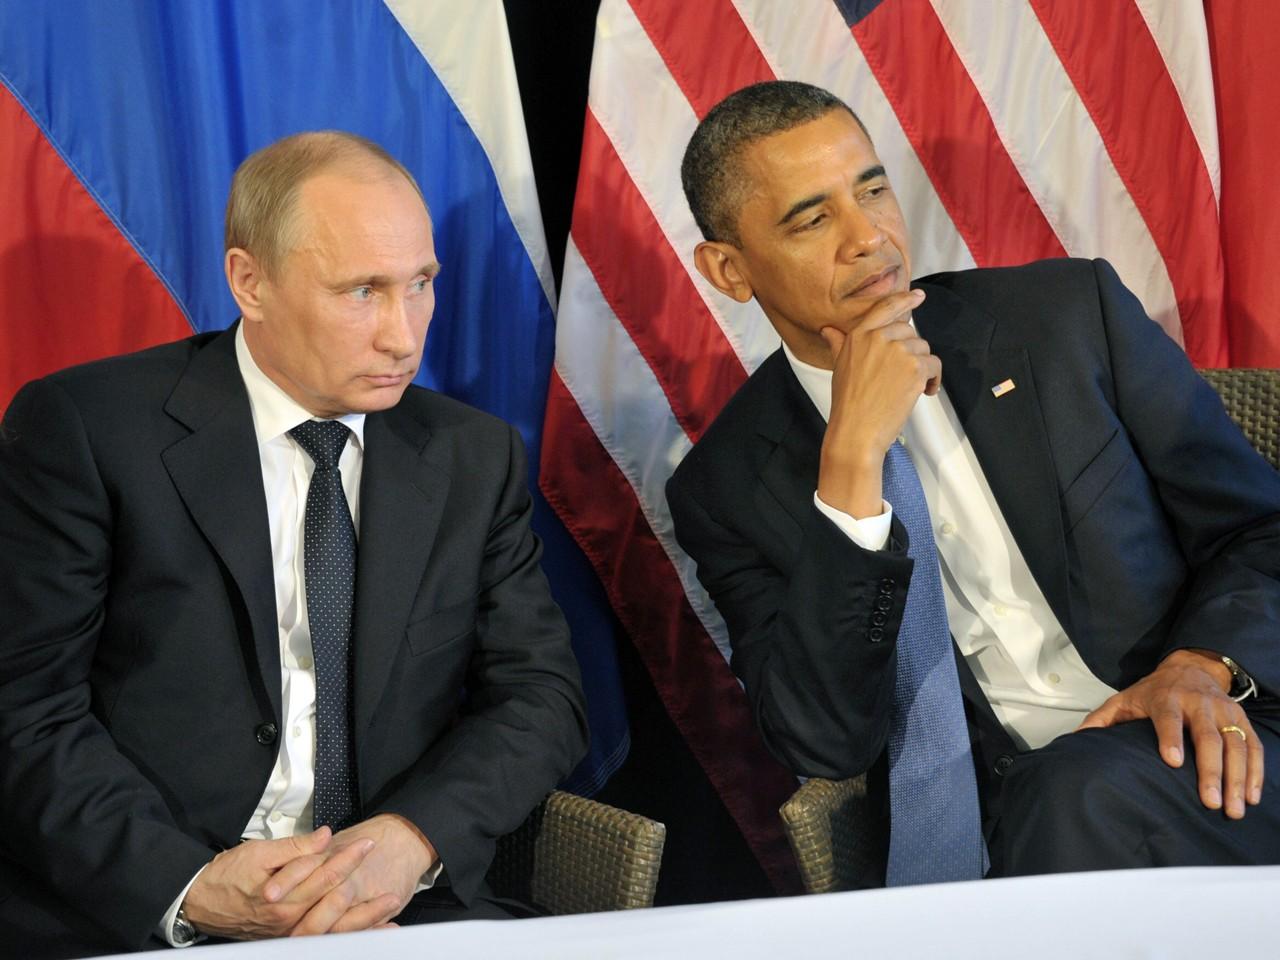 Конструктивные отношения между Москвой иВашингтоном соответствуют интересам всего мира— Барак Обама